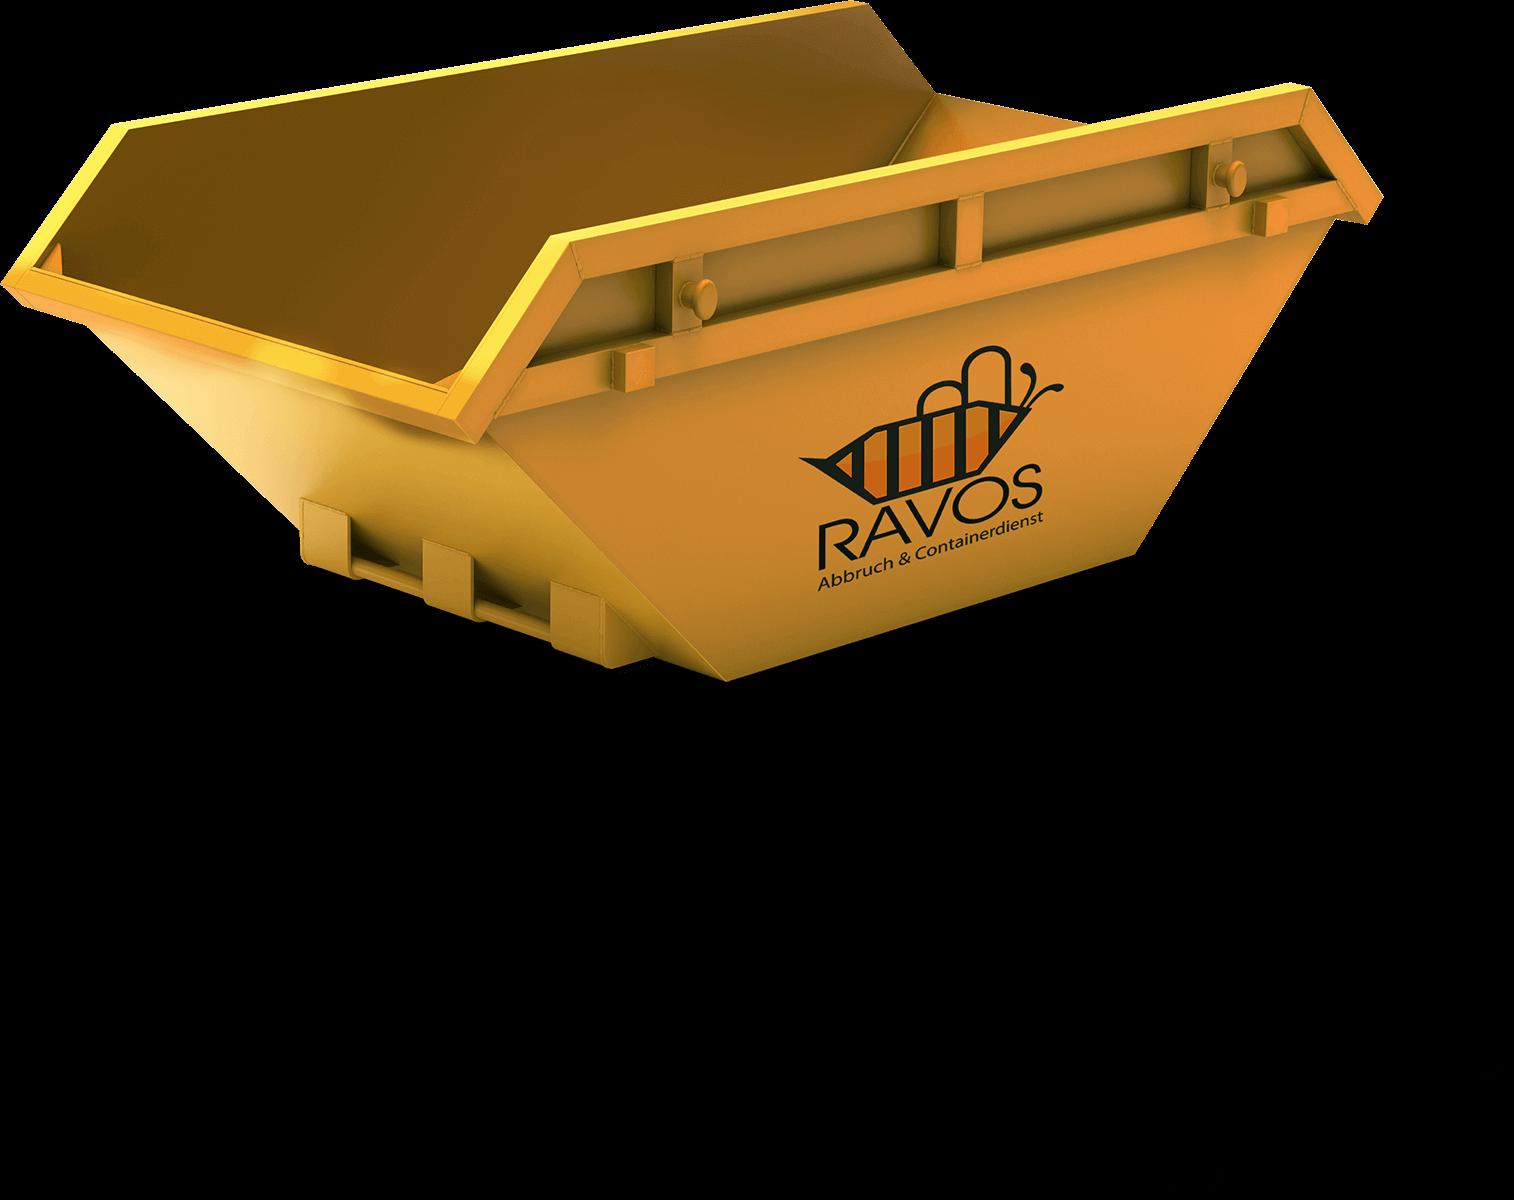 Ravos Container